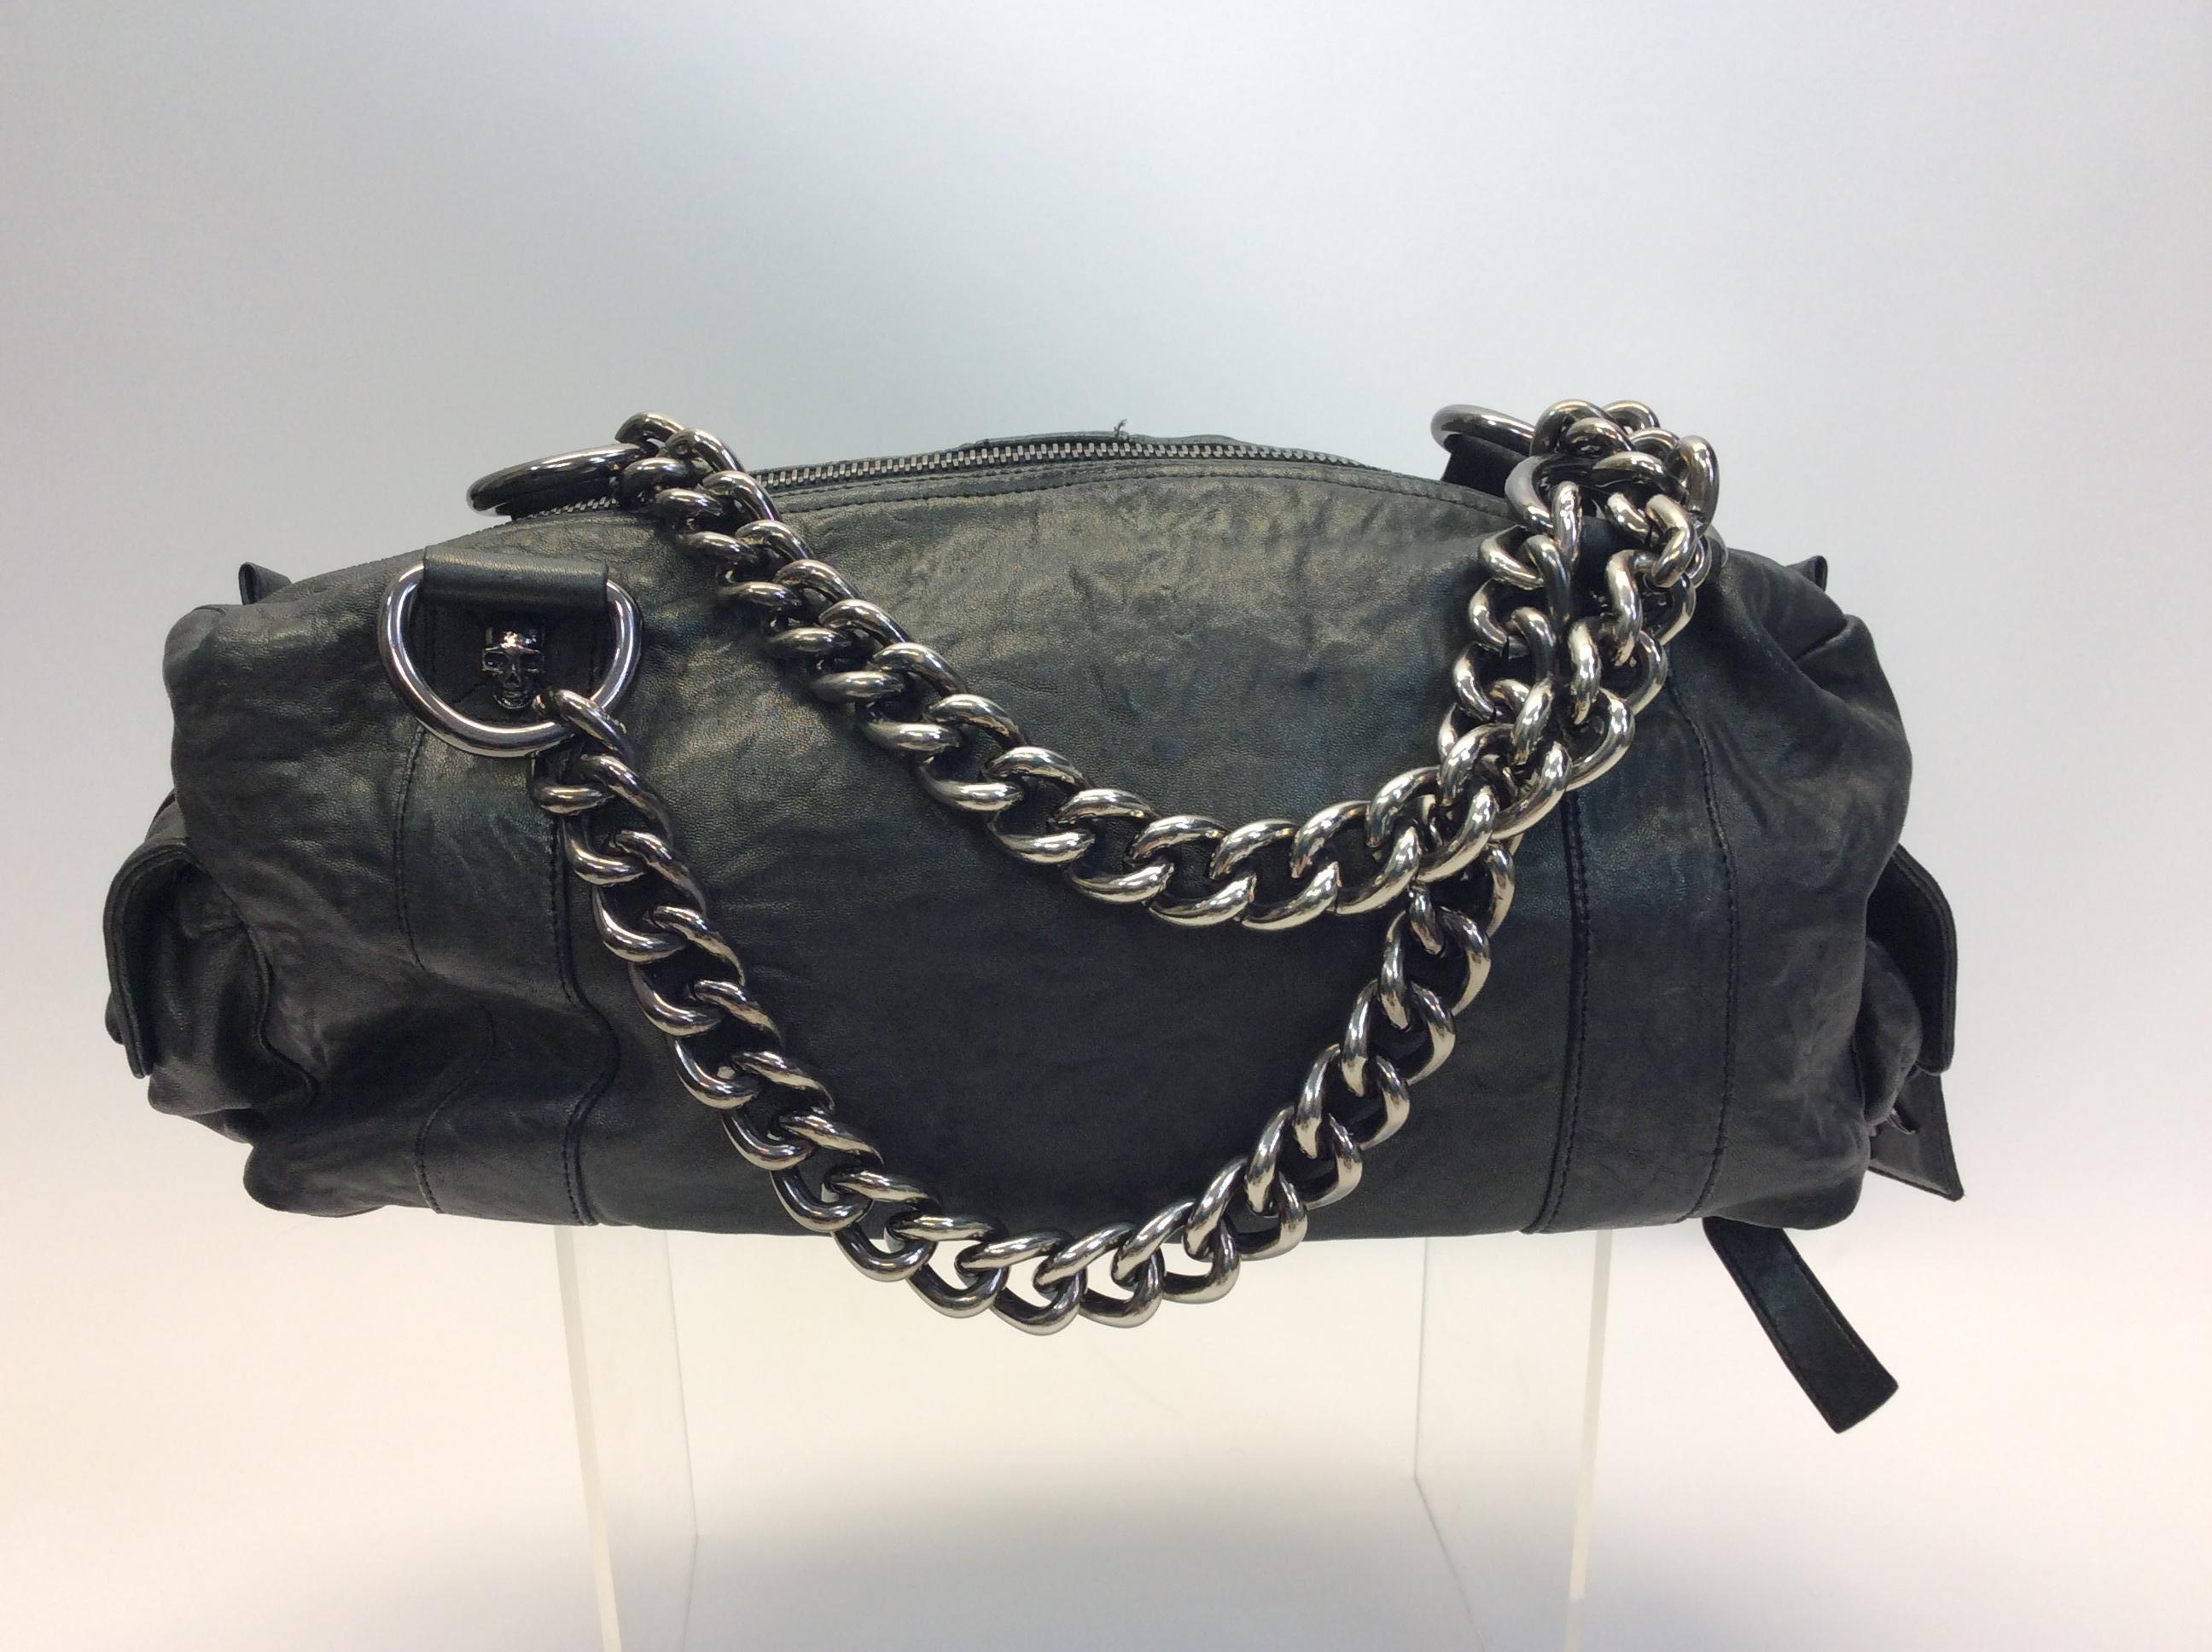 e6e40f954120 Thomas Wylde Green Leather Skull Handbag For Sale at 1stdibs